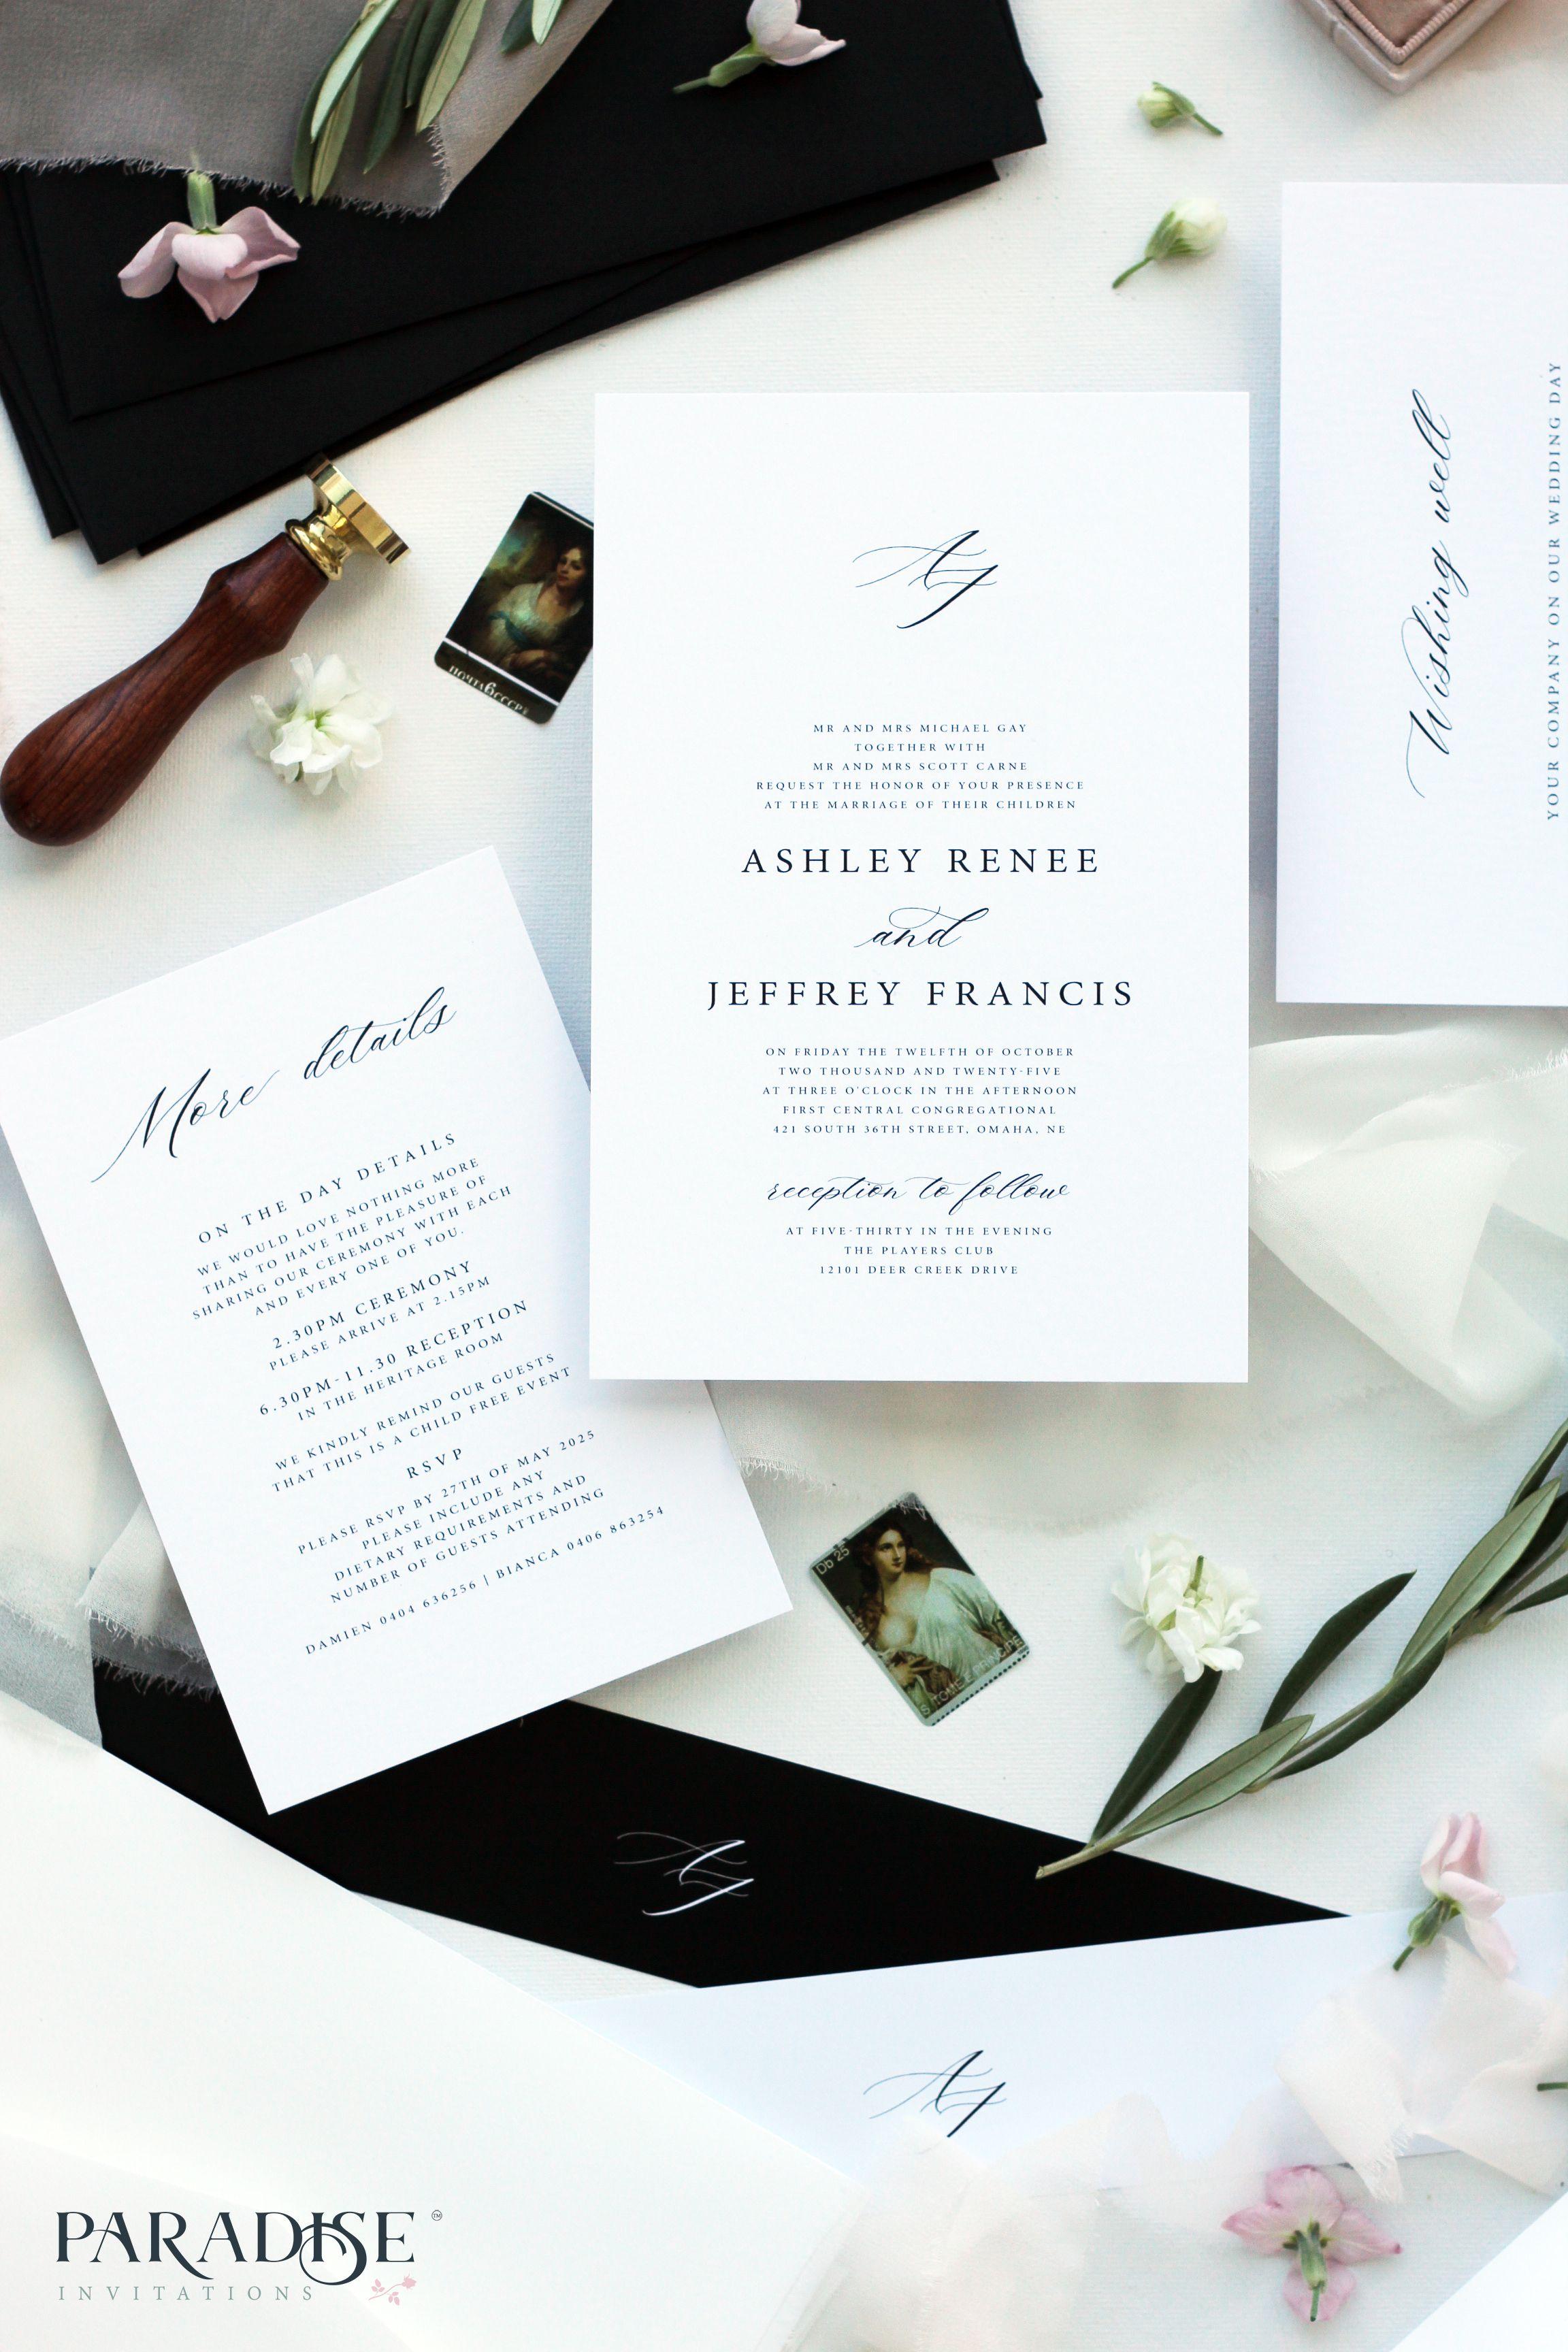 Weddinginvitation Weddinginvitations Weddinginvite Weddinginvites Weddi Custom Wedding Cards Free Wedding Invitation Samples Wedding Invitations Australia